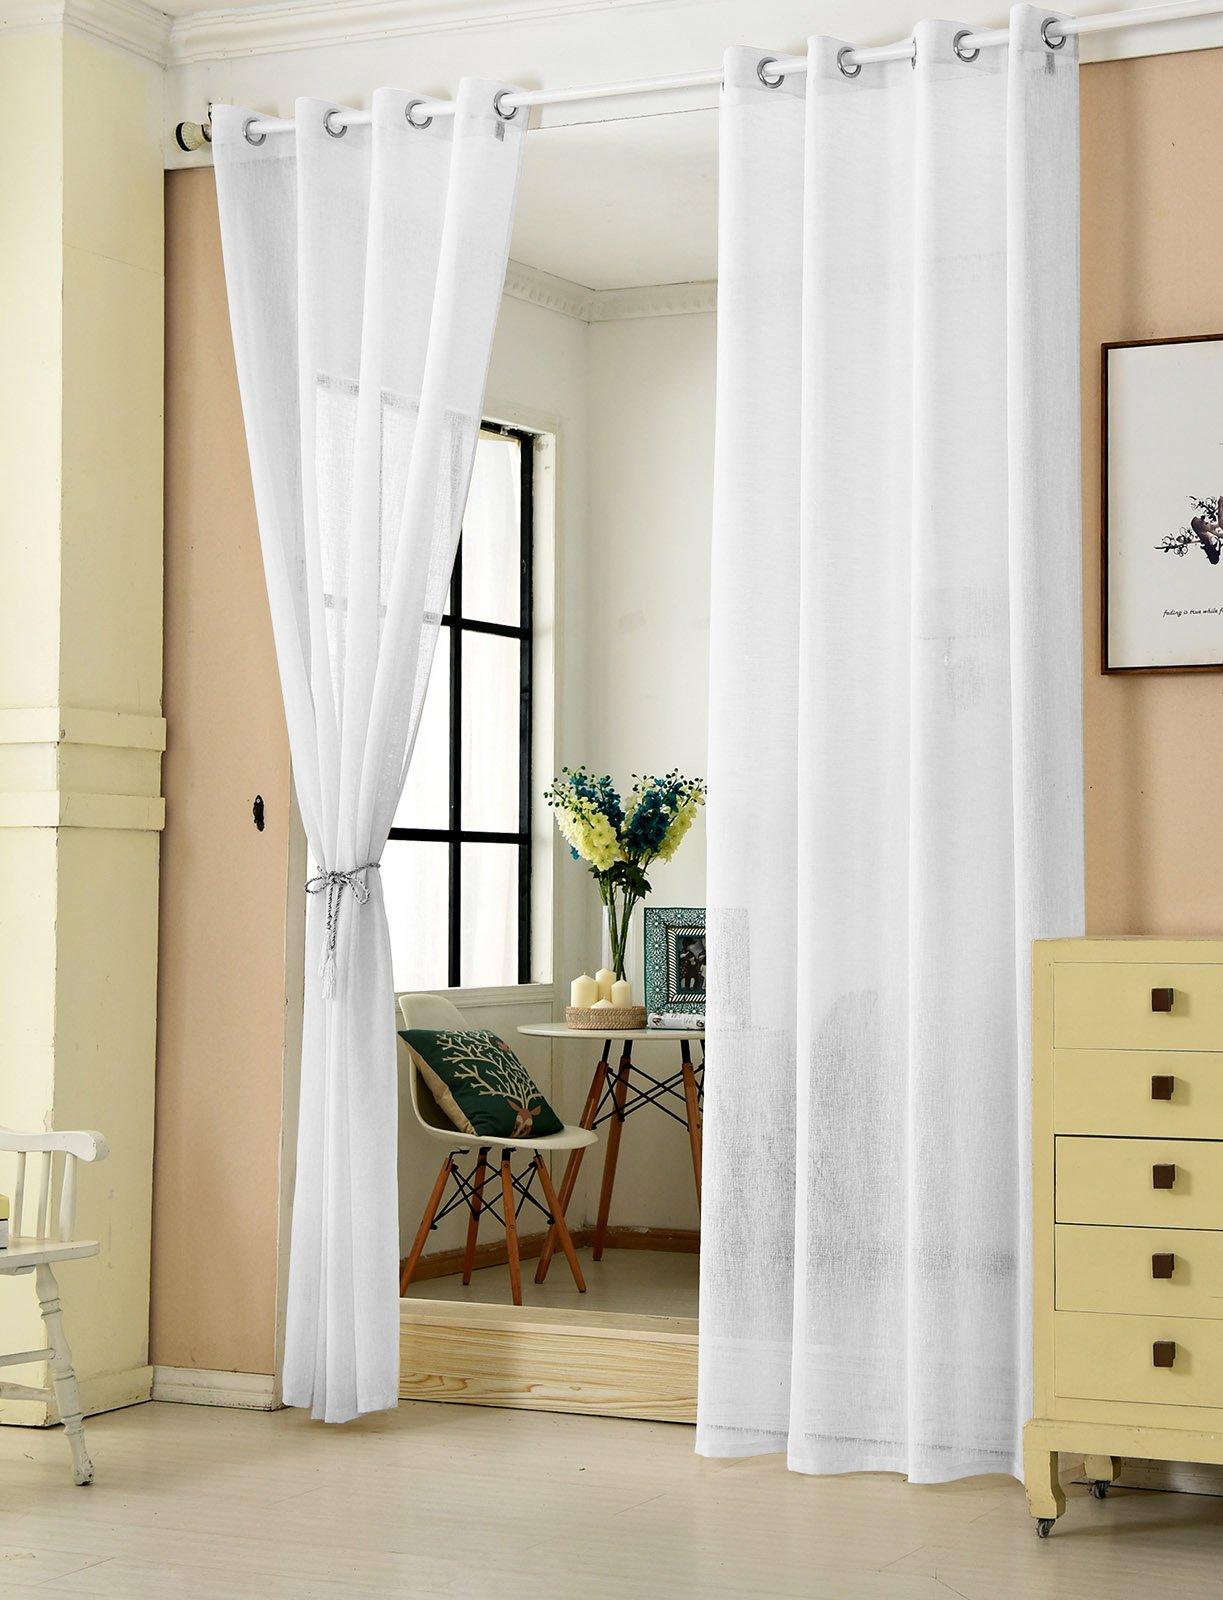 am besten bewertete produkte in der kategorie gardinen. Black Bedroom Furniture Sets. Home Design Ideas